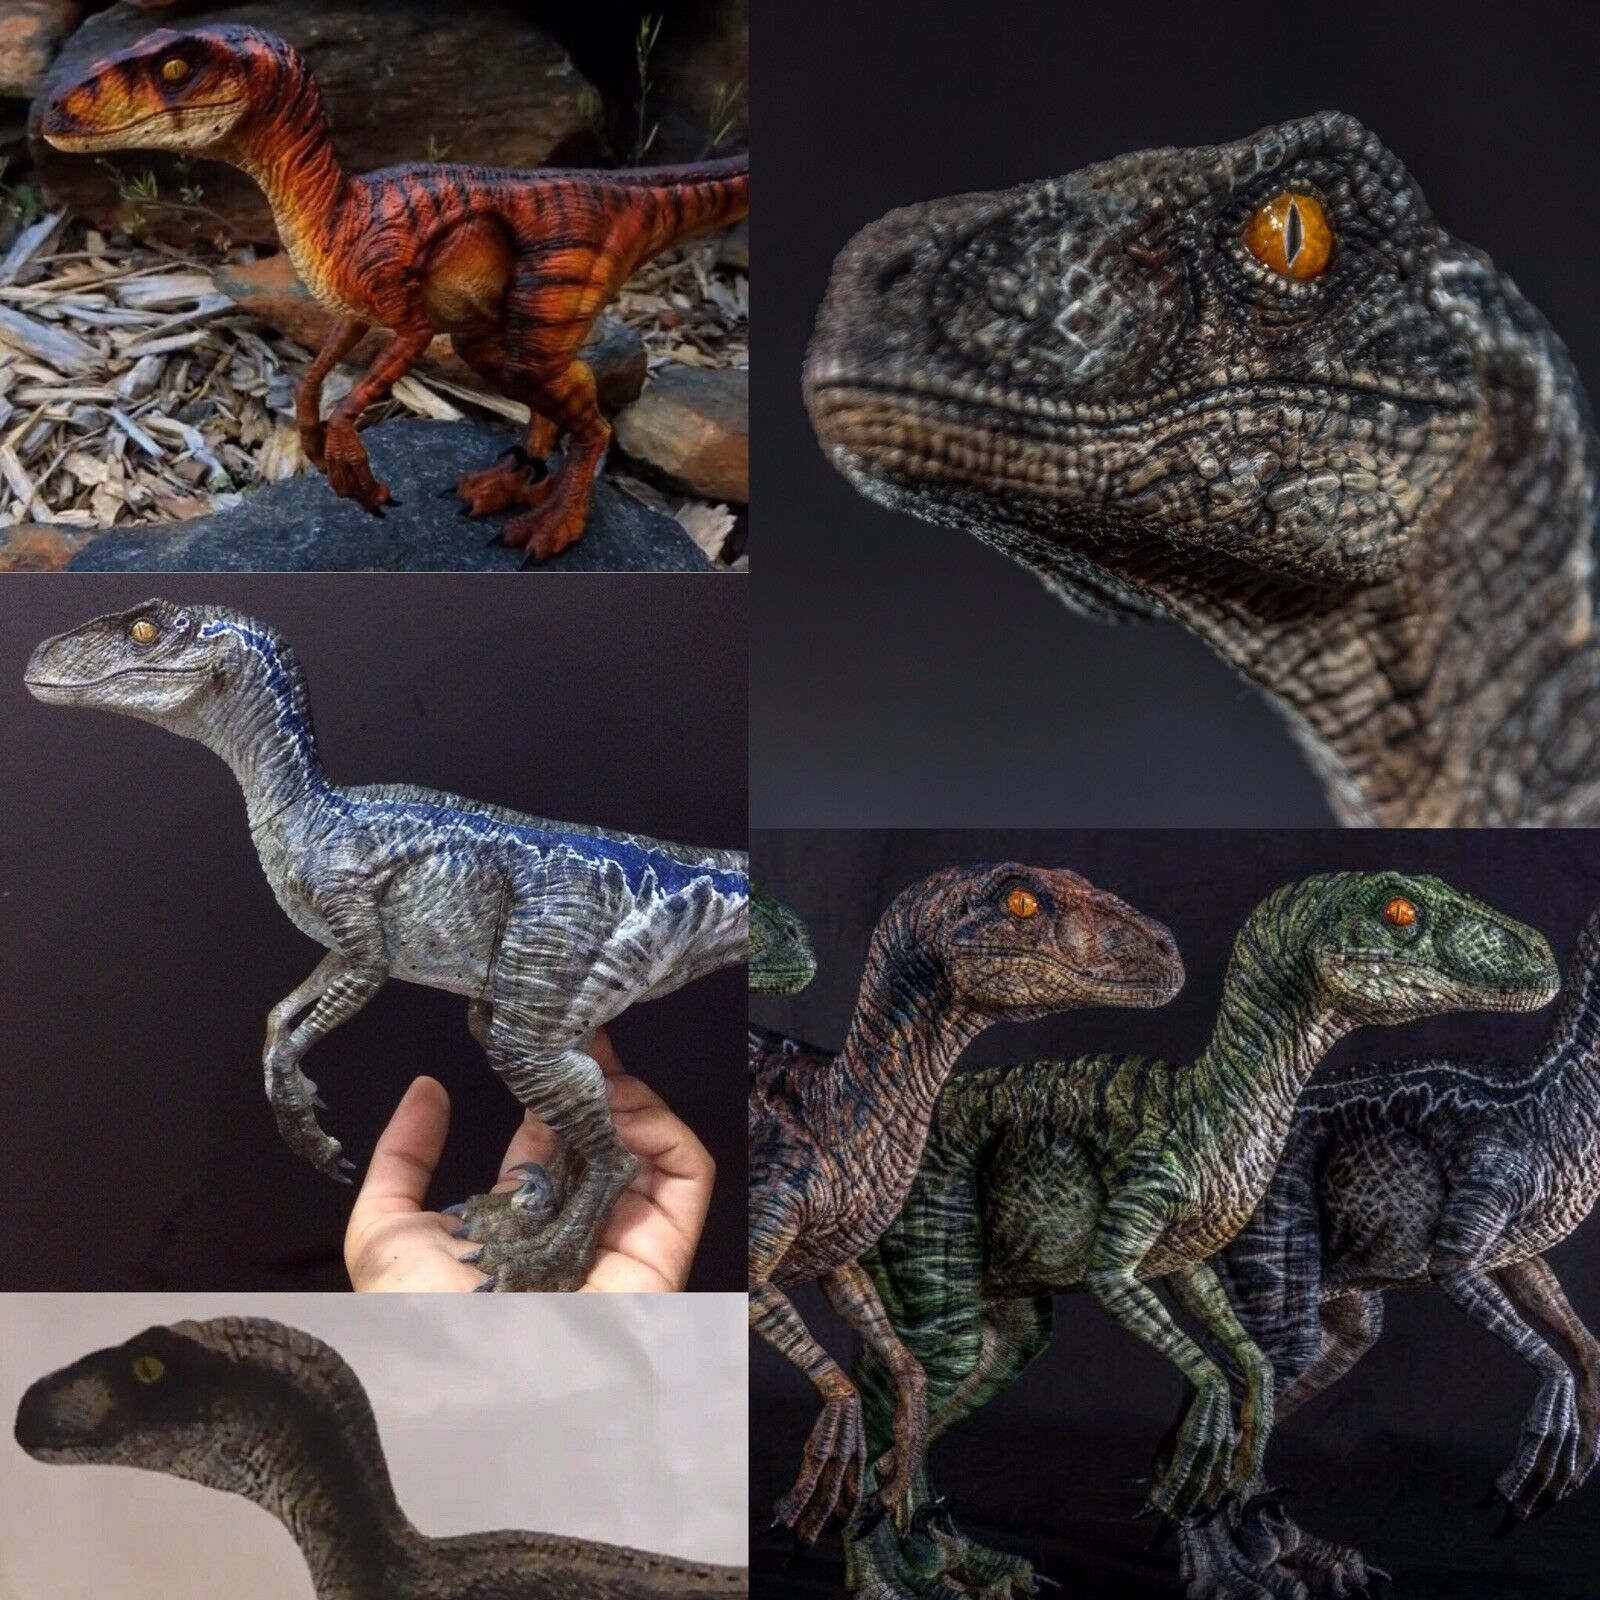 Jurassic park inspiriert - modell - genaue details - 7